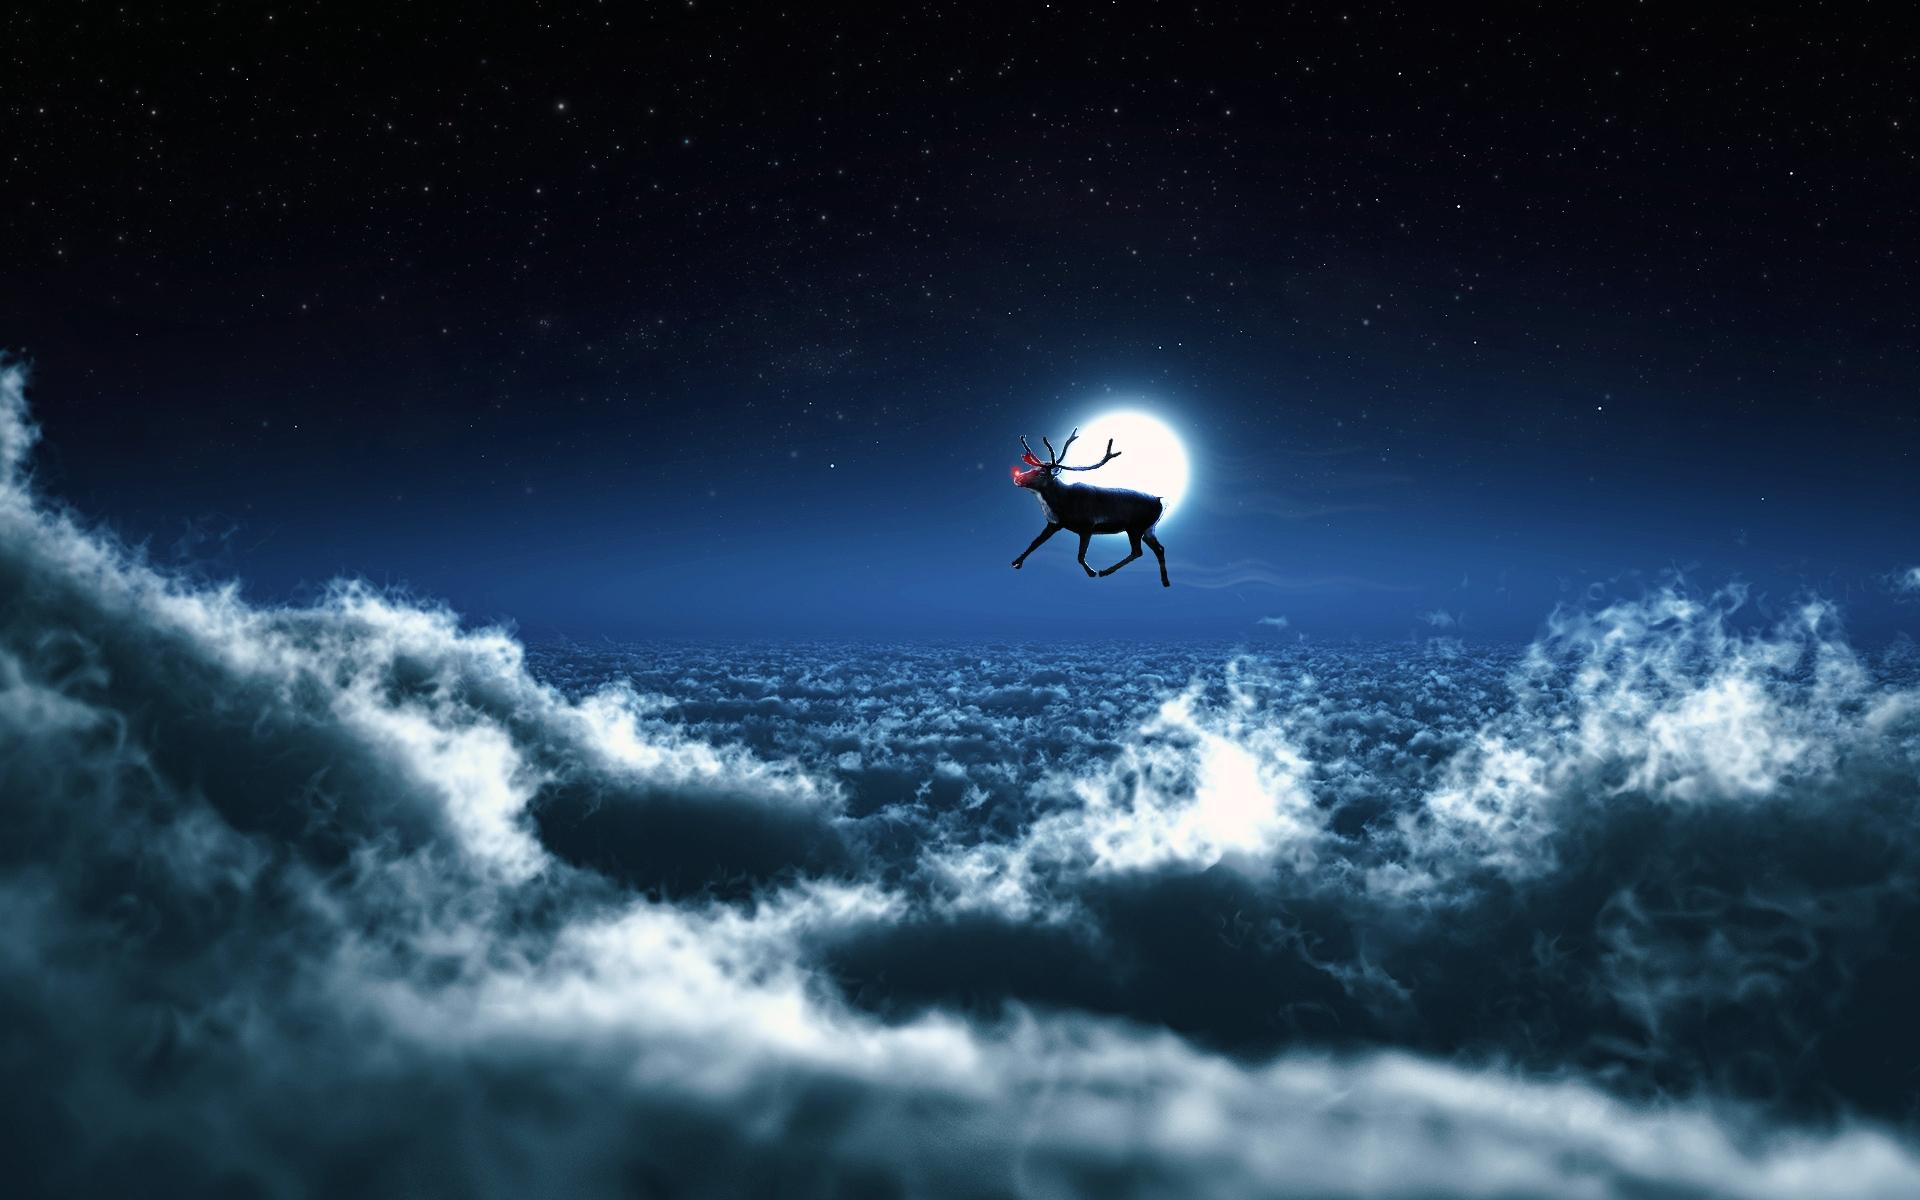 santa reindeer wide clouds free deskto